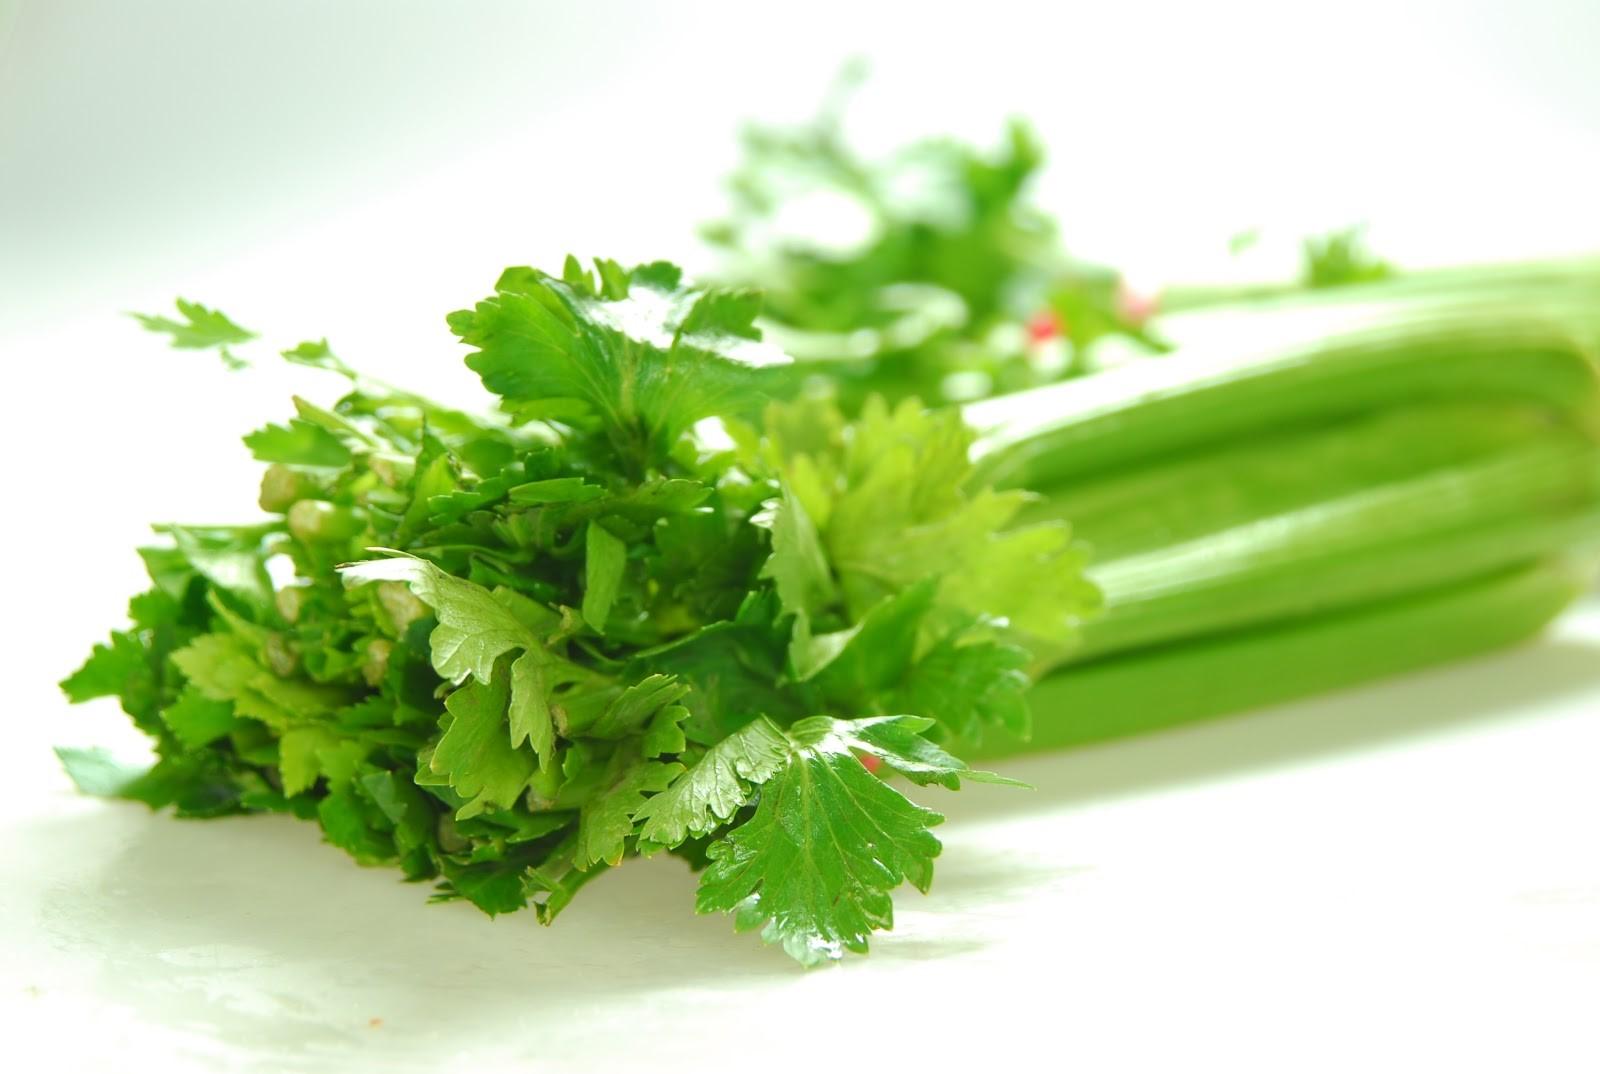 rau củ giảm cân nhanh - rau cần tây